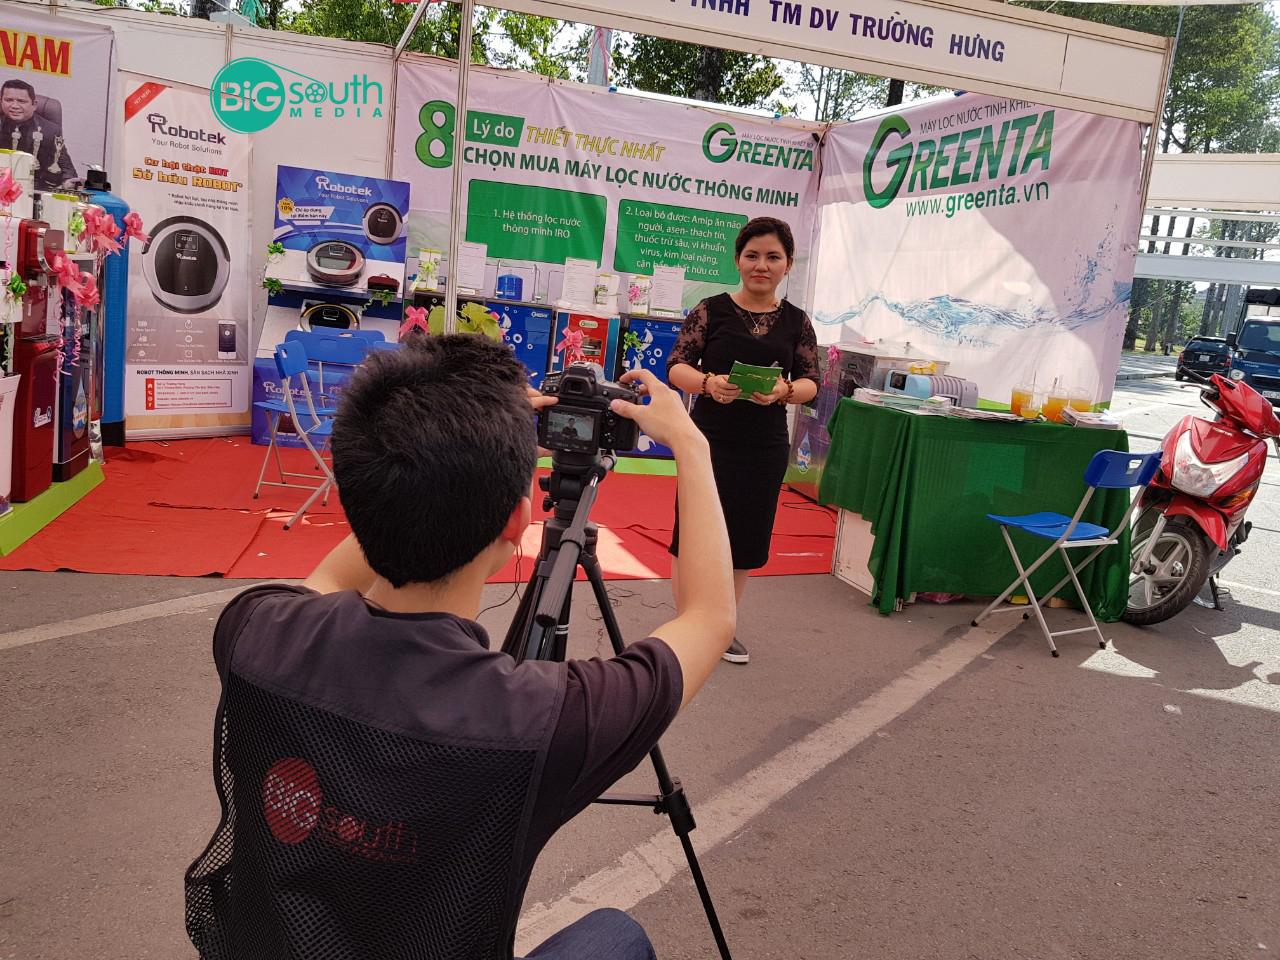 Quay phim giới thiệu máy lọc nước GreenTa 9